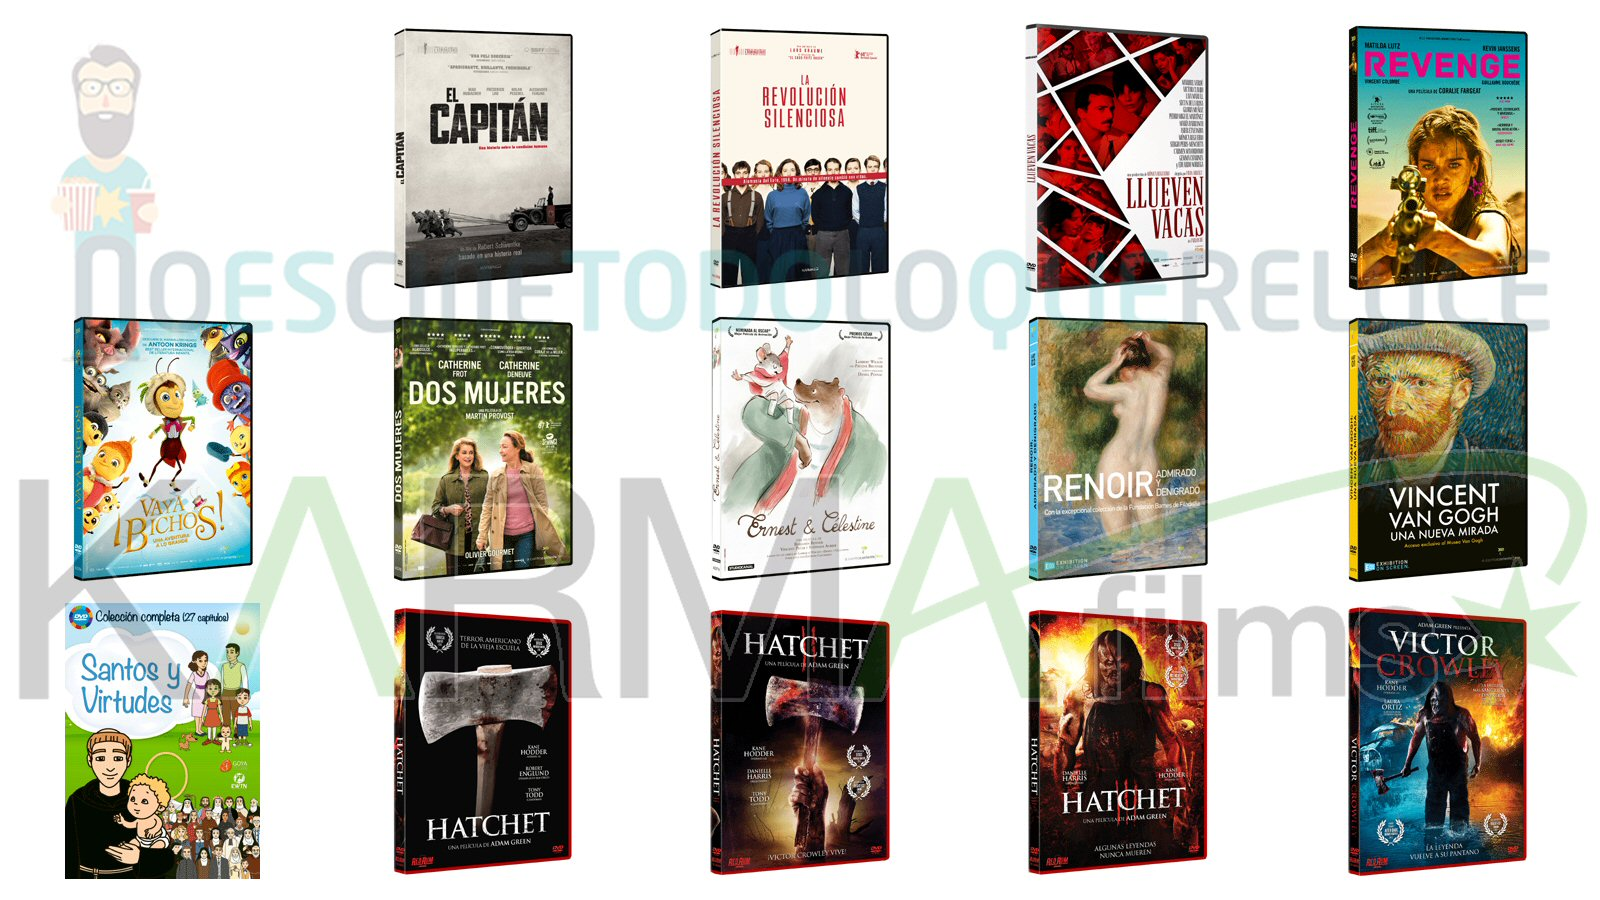 Lanzamientos de diciembre en DVD y Blu-ray de Karma Films